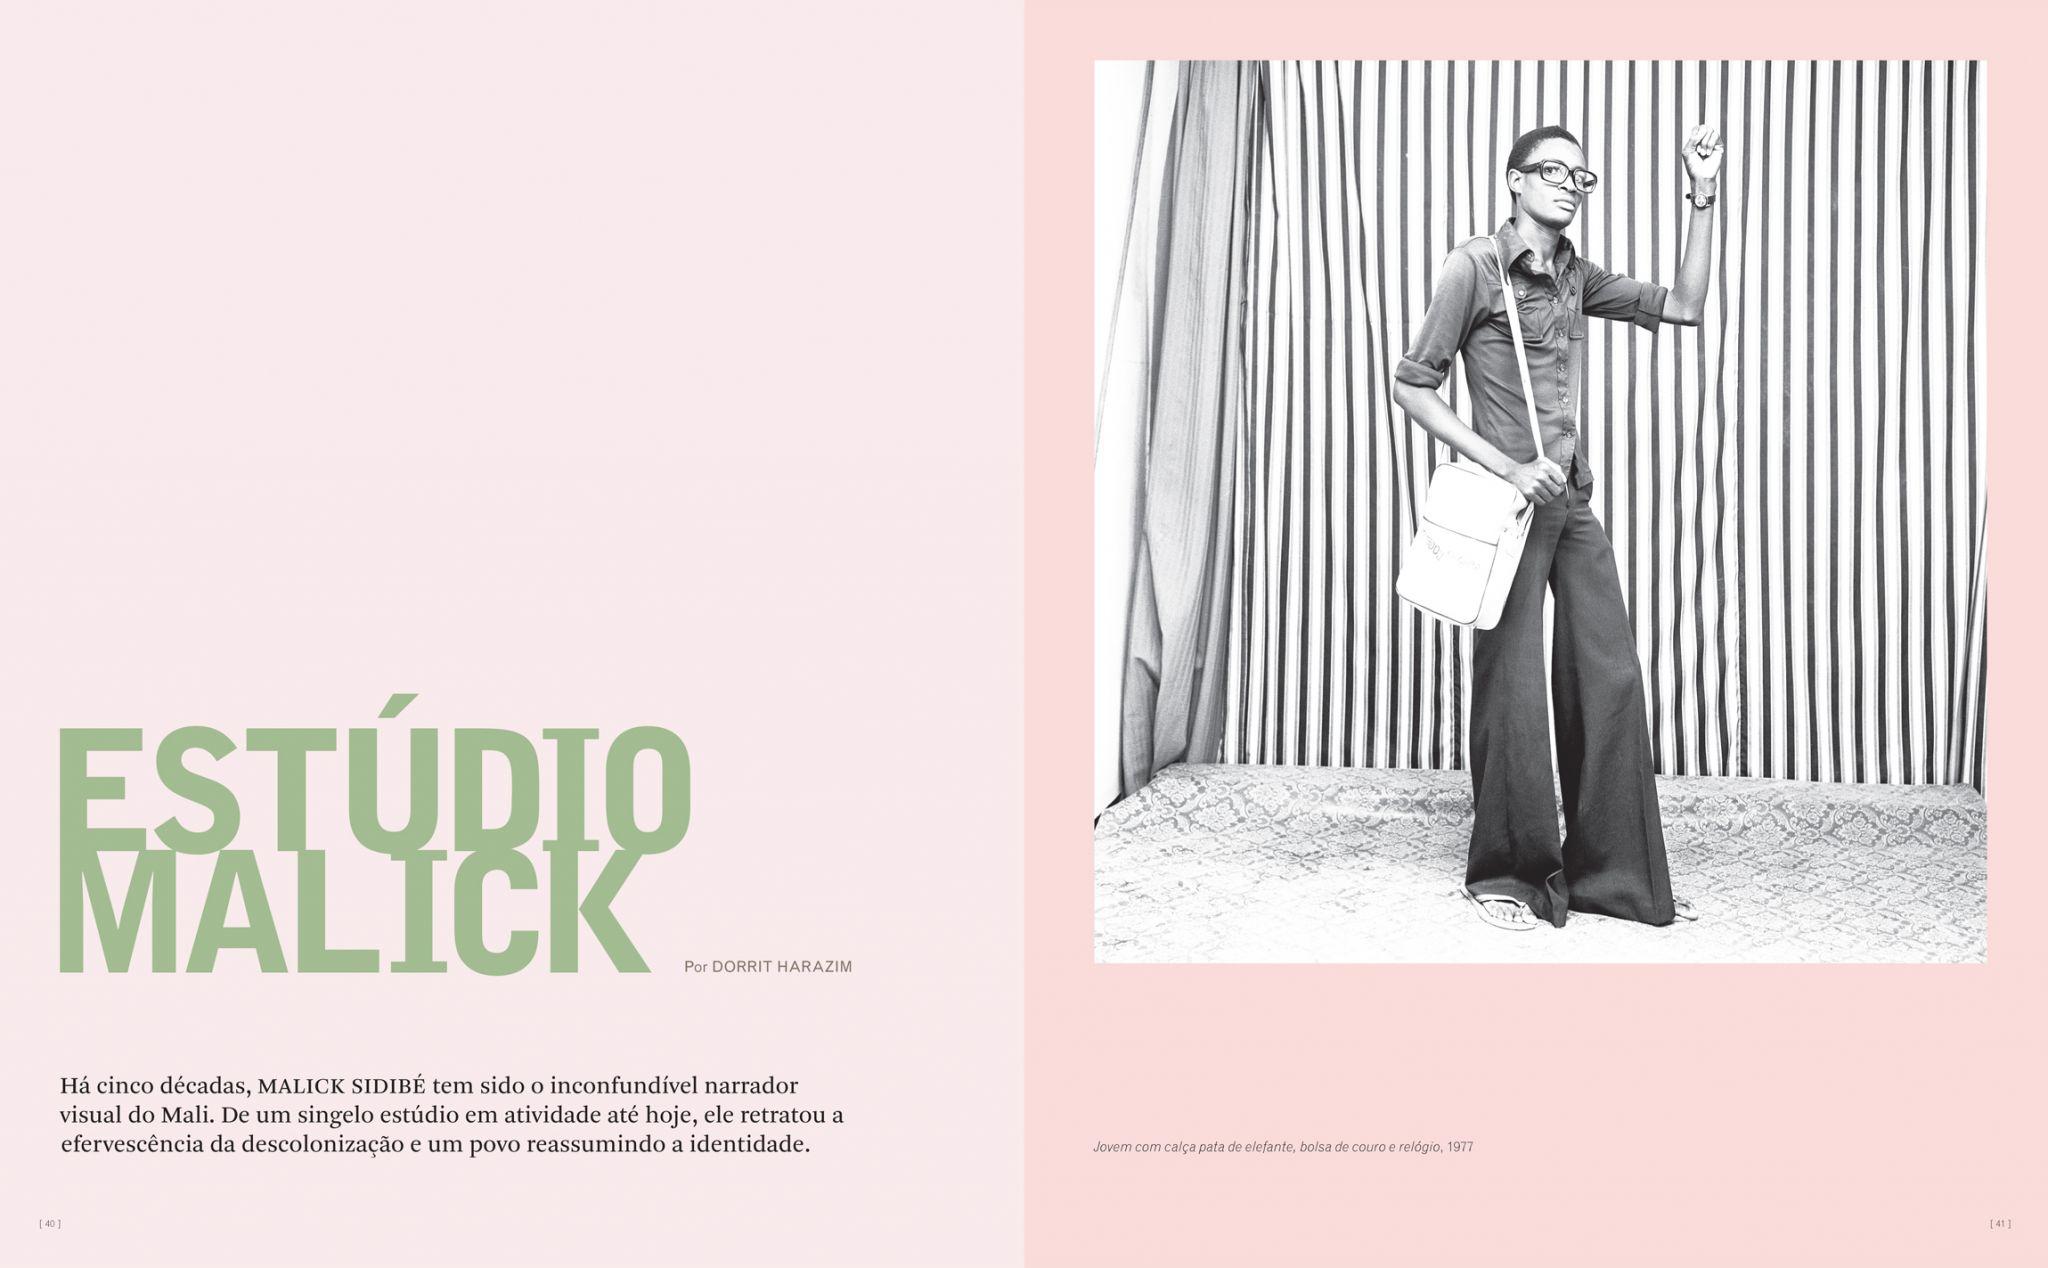 A jornalista Dorrit Harazim apresenta a história de Malick Sidibé, o inconfundível narrador visual do Mali. Em um singelo estúdio em atividade até hoje, ele retratou a efervescência da descolonização e um povo reassumindo sua identidade. A ZUM publica uma série de retratos de Malick, sendo um deles a capa desta edição.